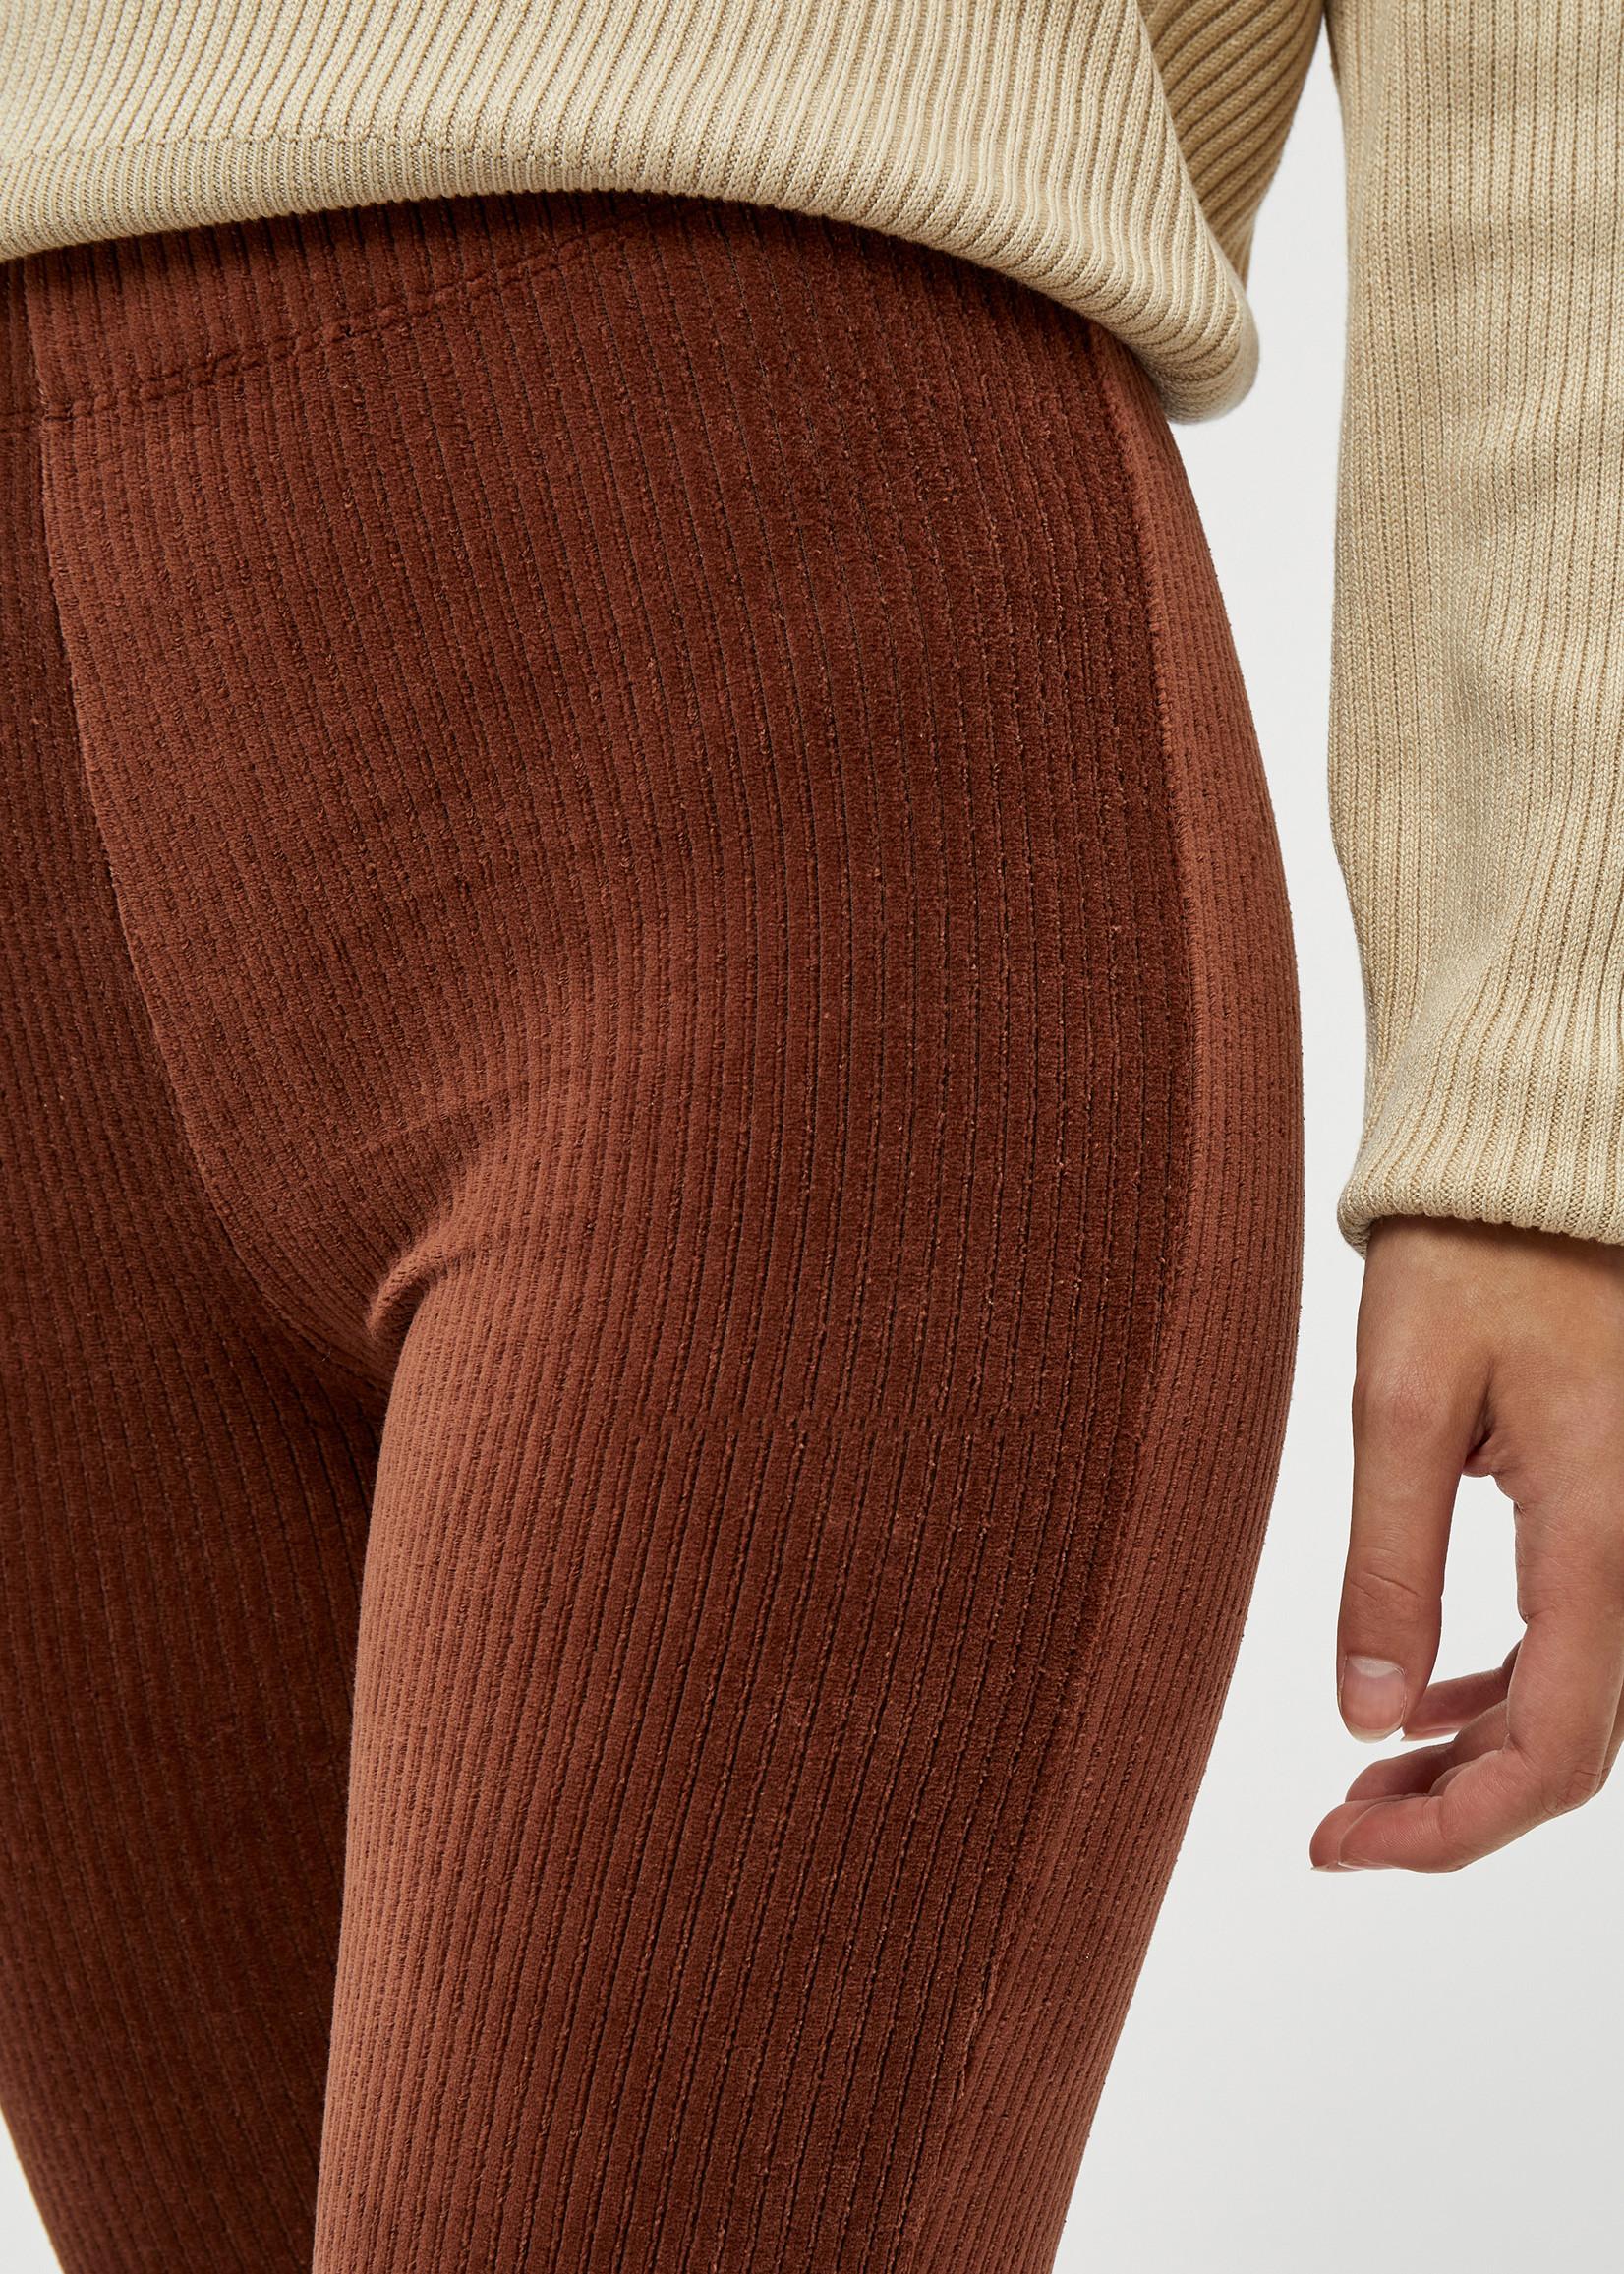 Desires Desires Brit Pants